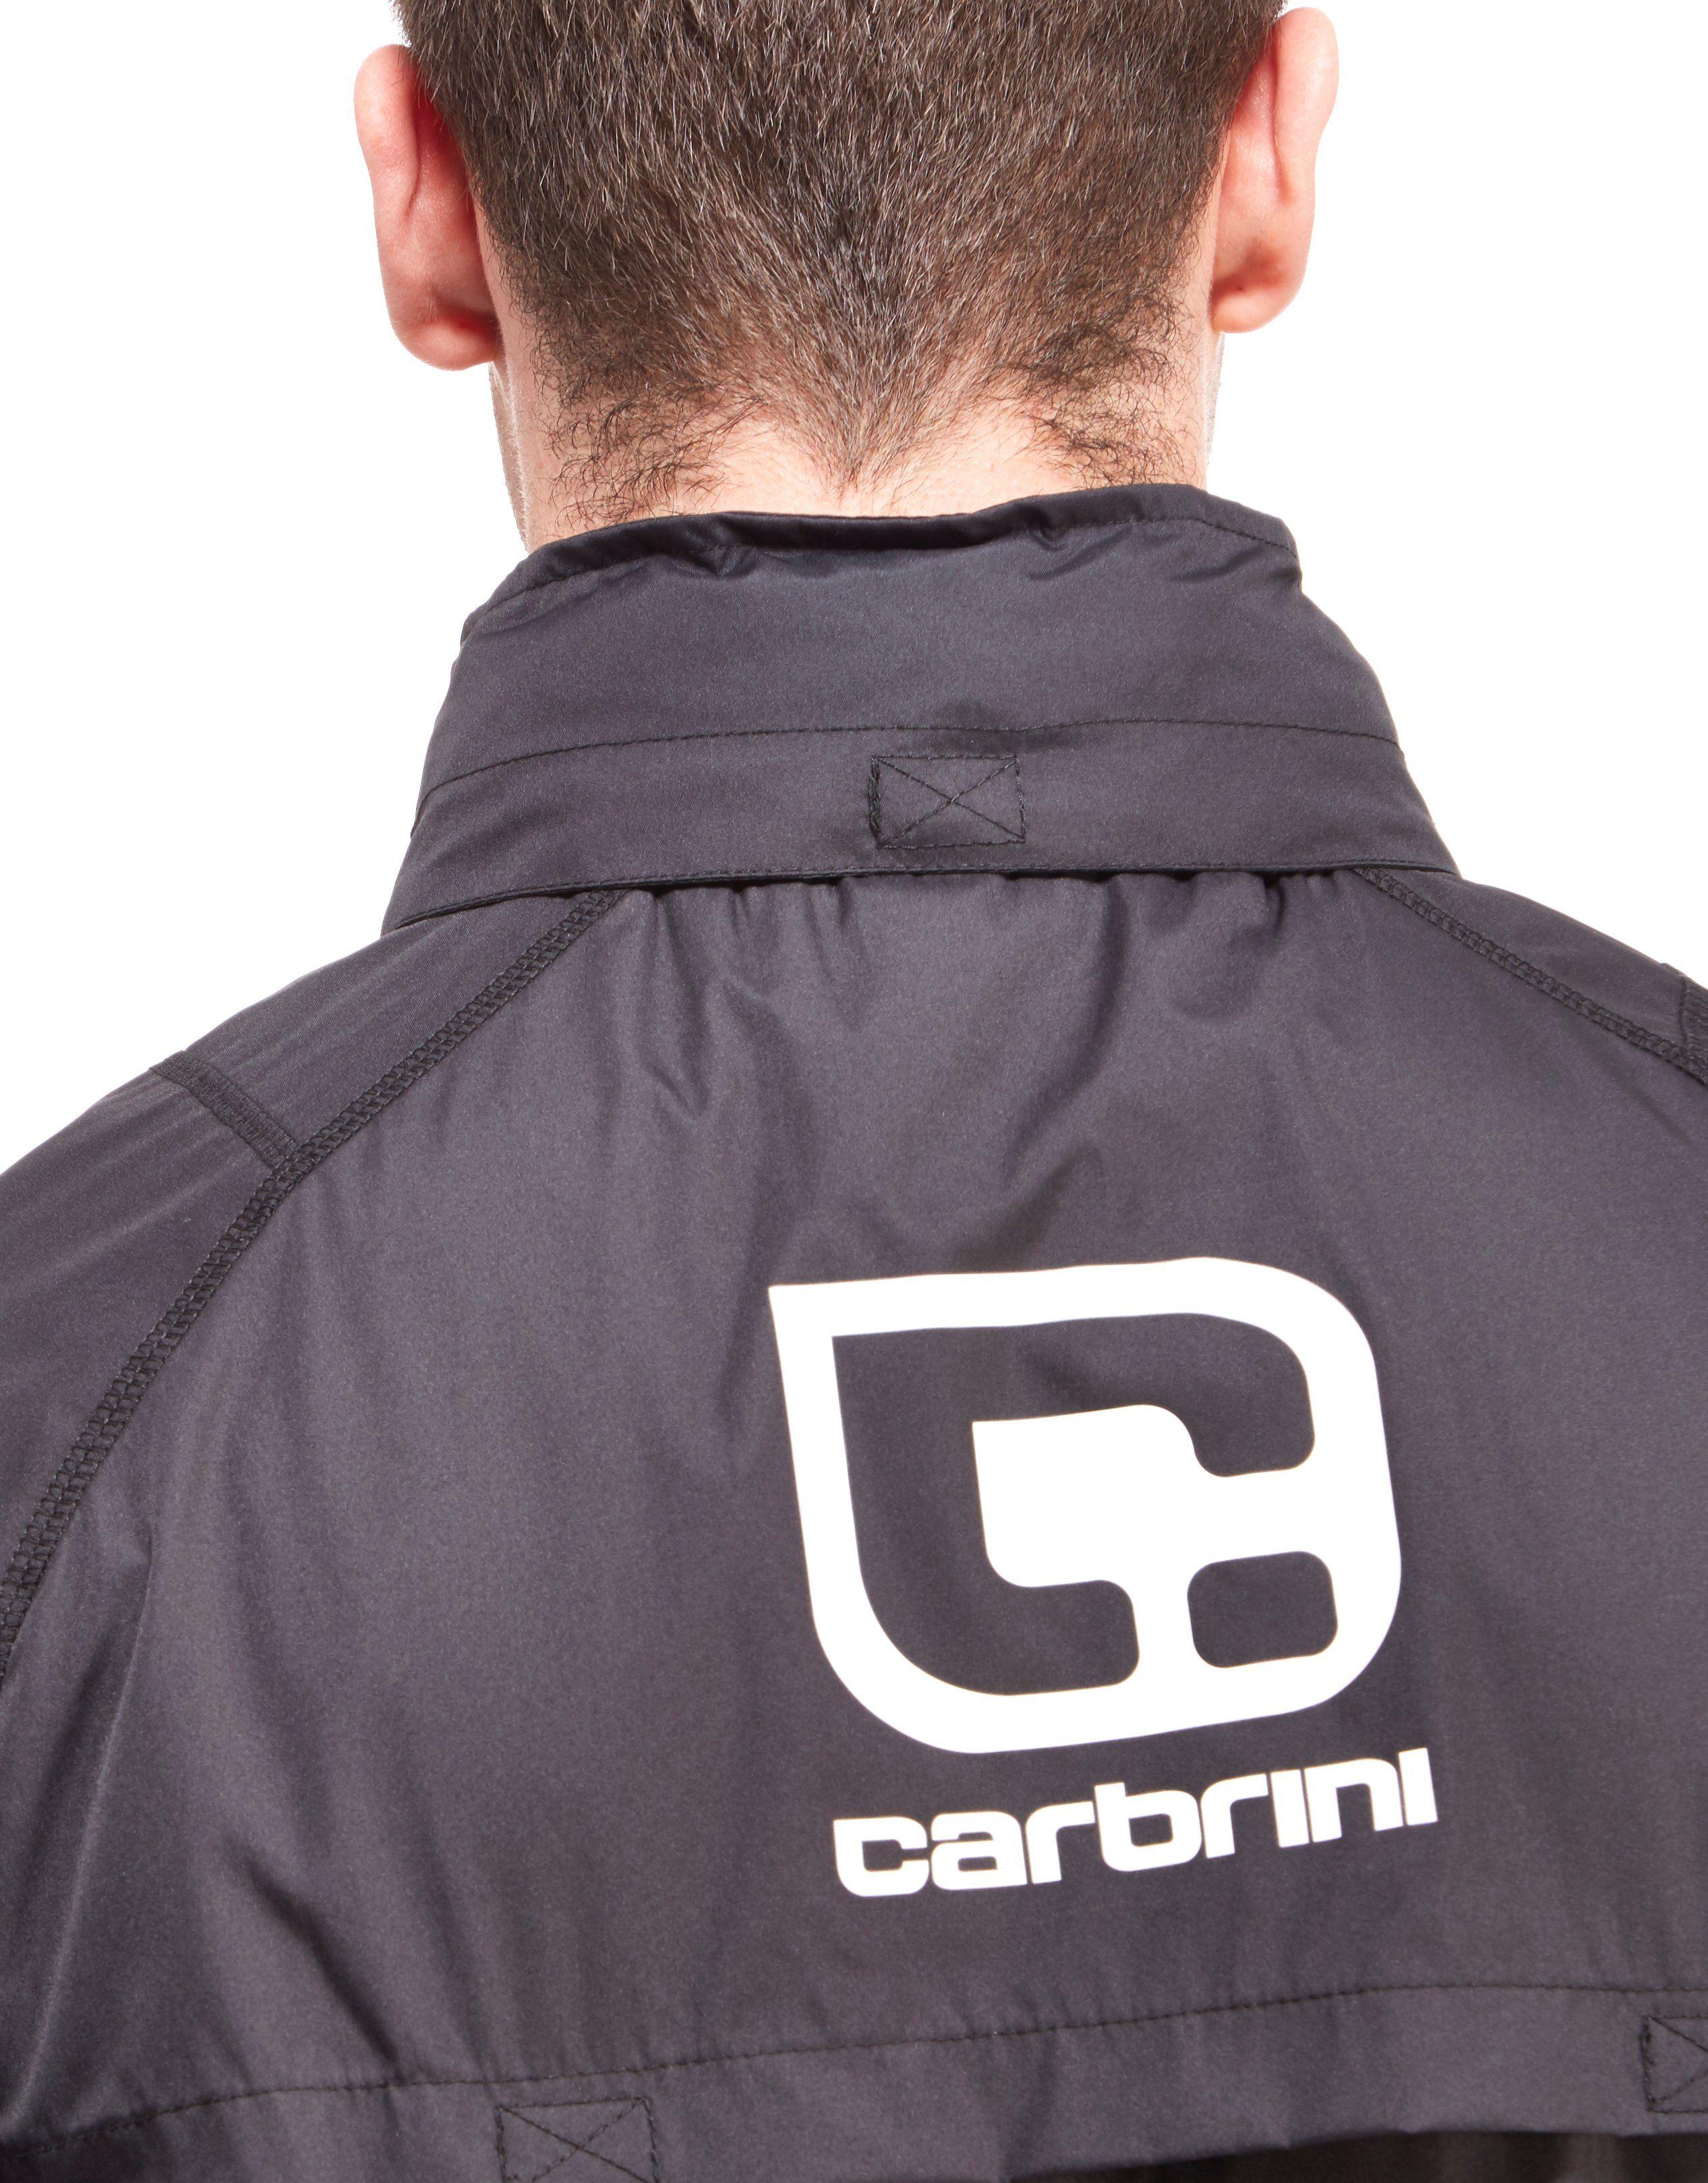 Carbrini Inverness CT 2016/17 Shower Jacket